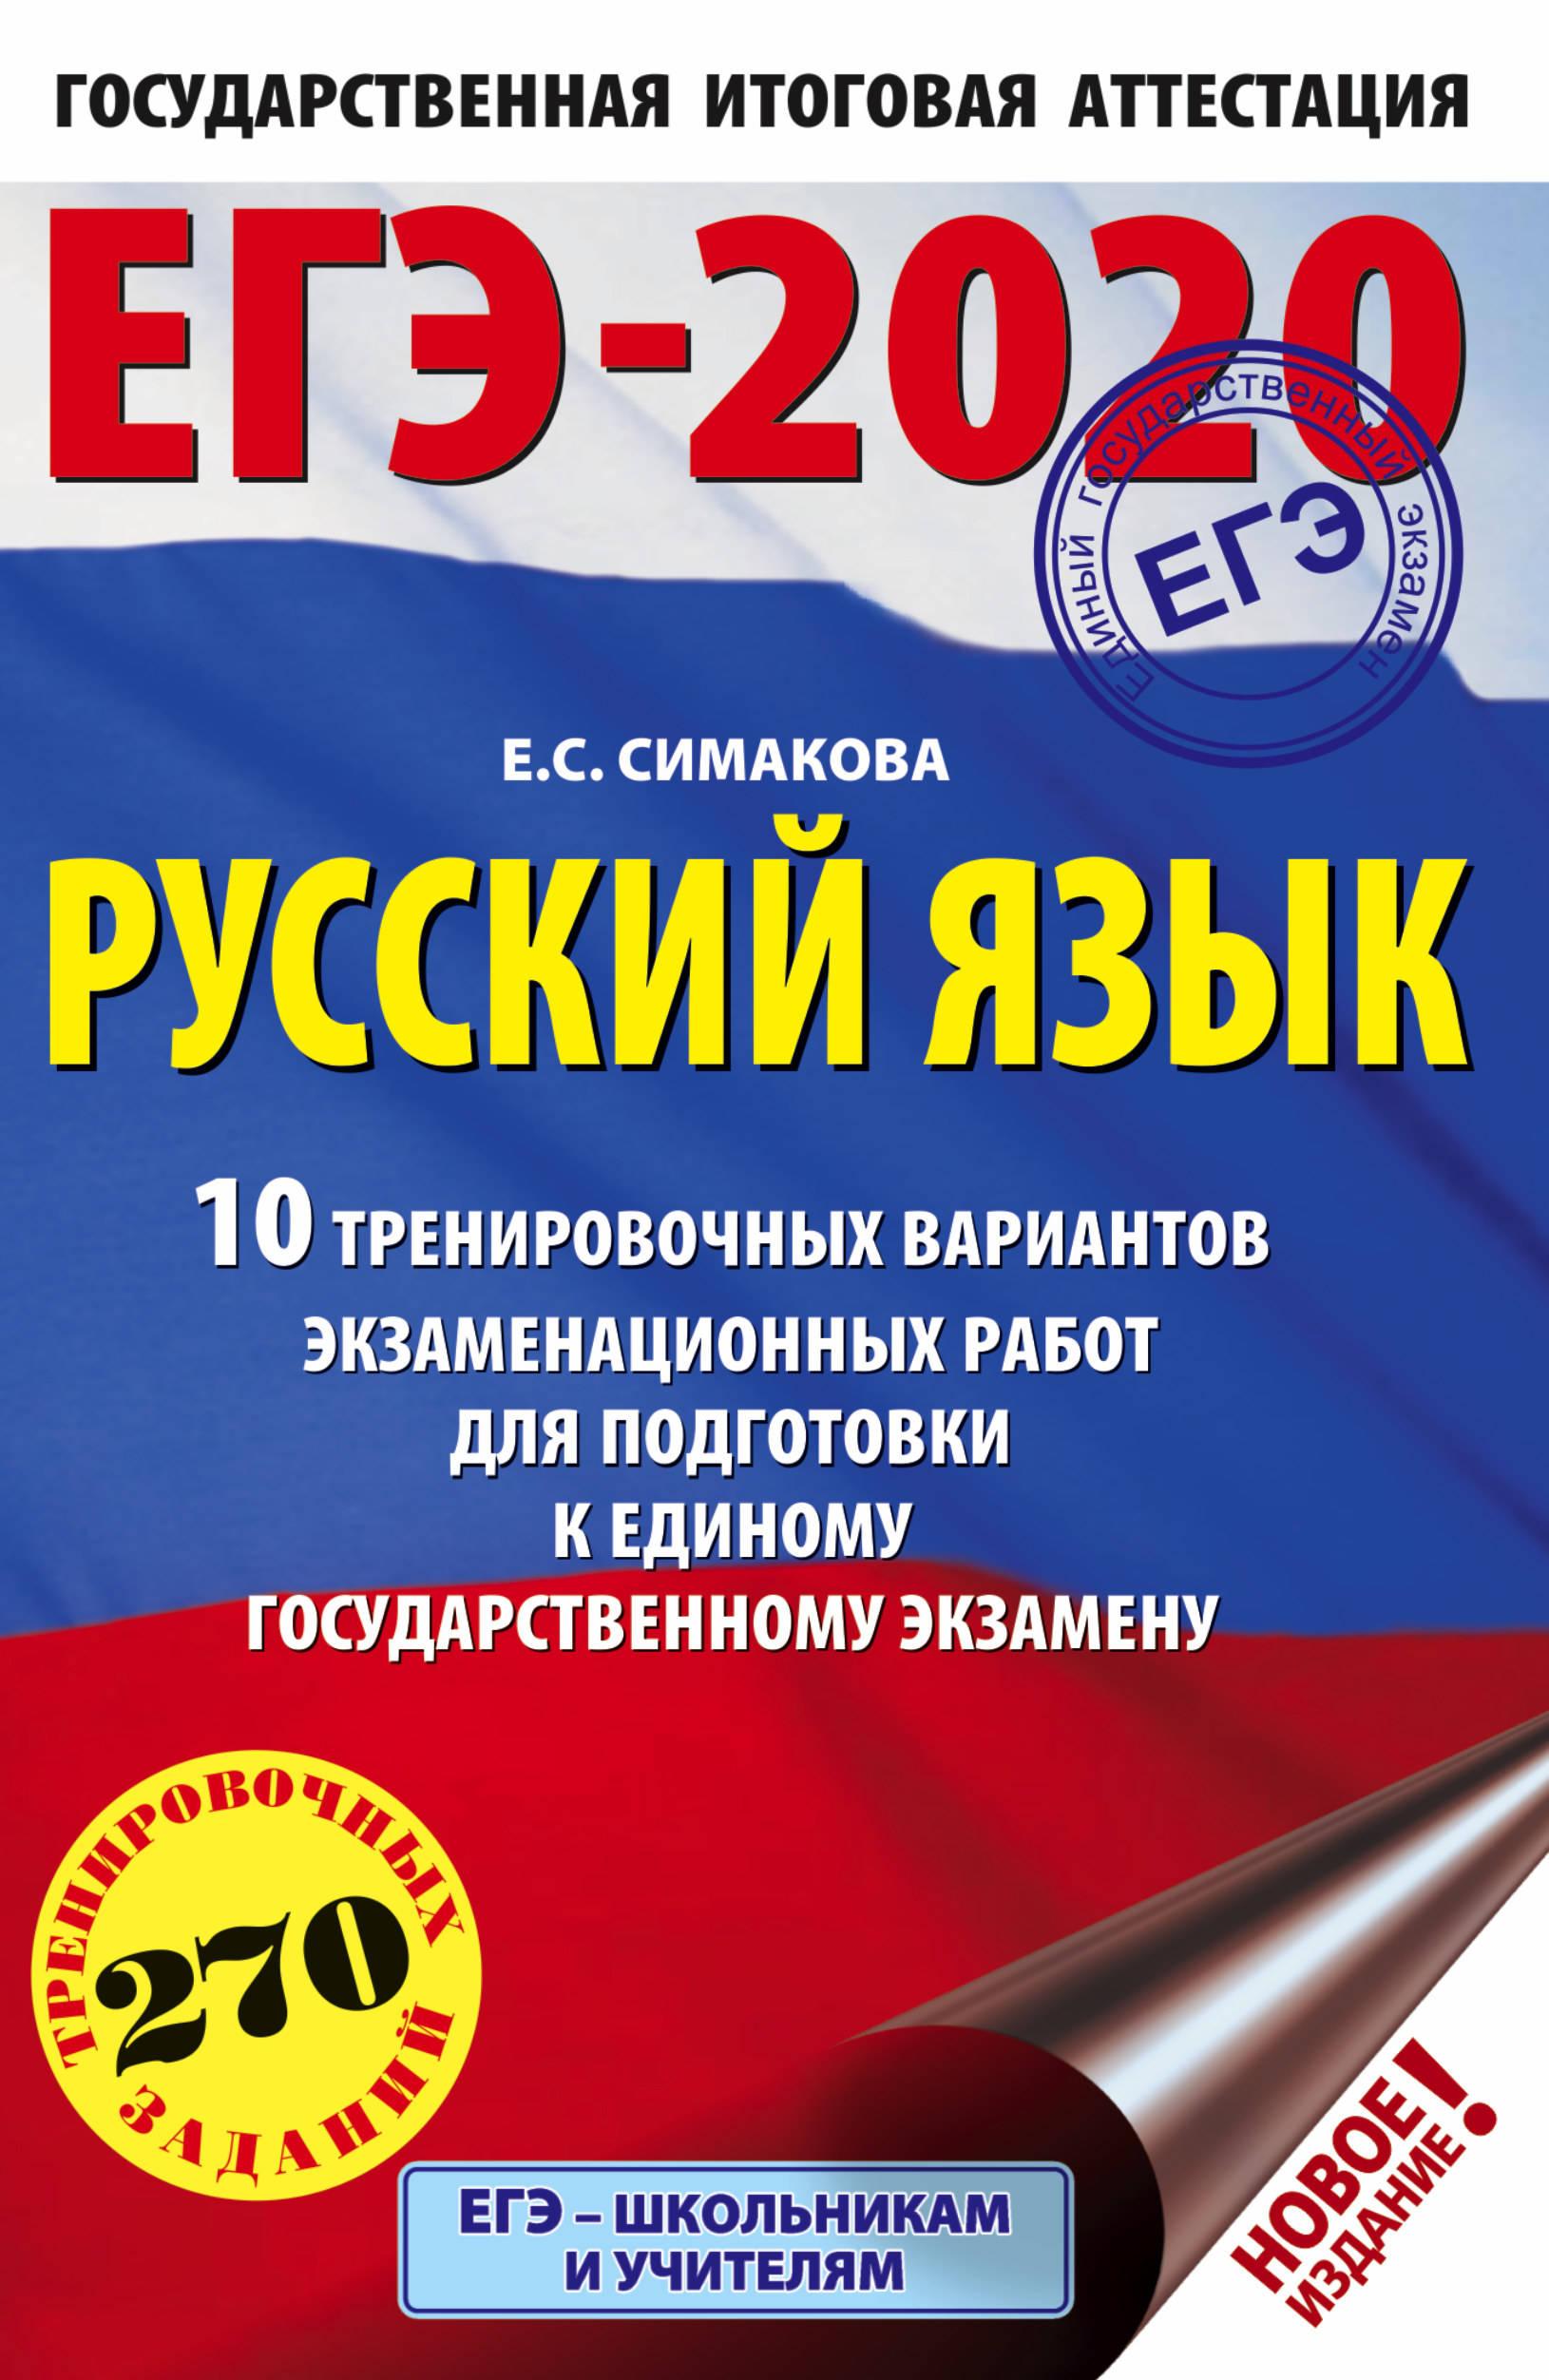 EGE-2020 Russkij jazyk (60kh90/16) 10 trenirovochnykh variantov ekzamenatsionnykh rabot dlja podgotovki k edinomu gosudarstvennomu ekzamenu